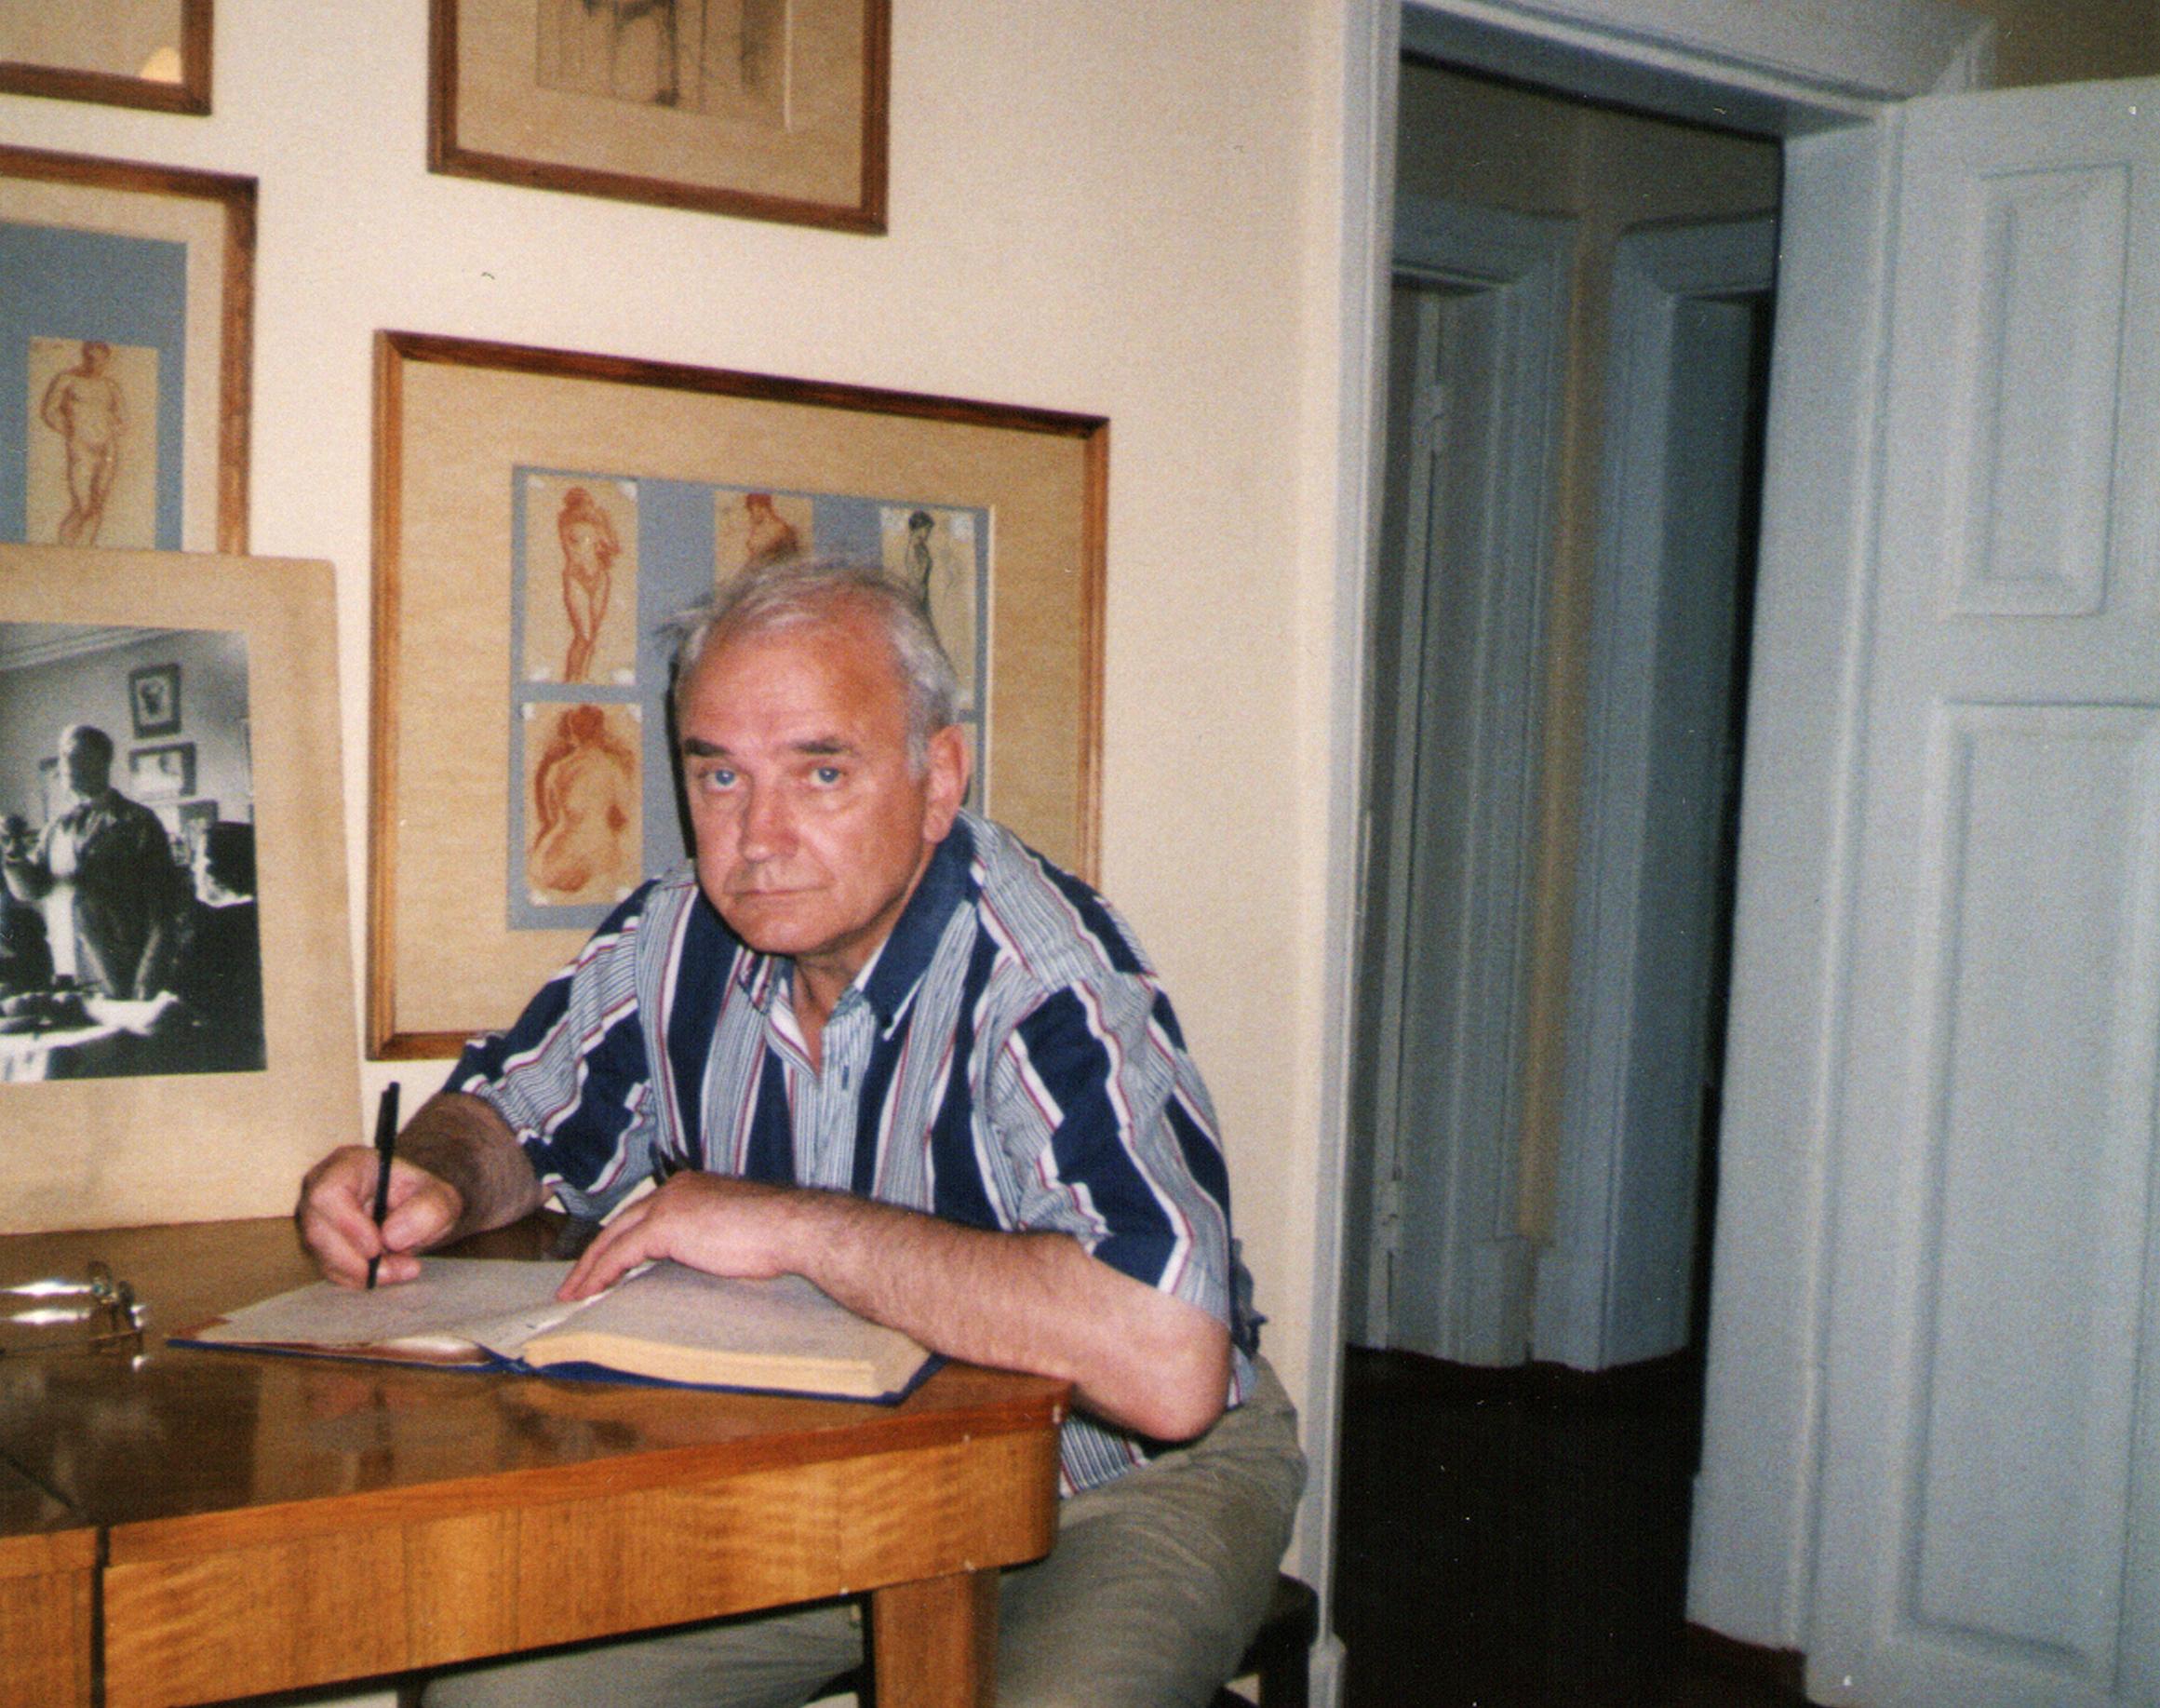 kuvaldin-yuriy-dom-pastern-2003-god